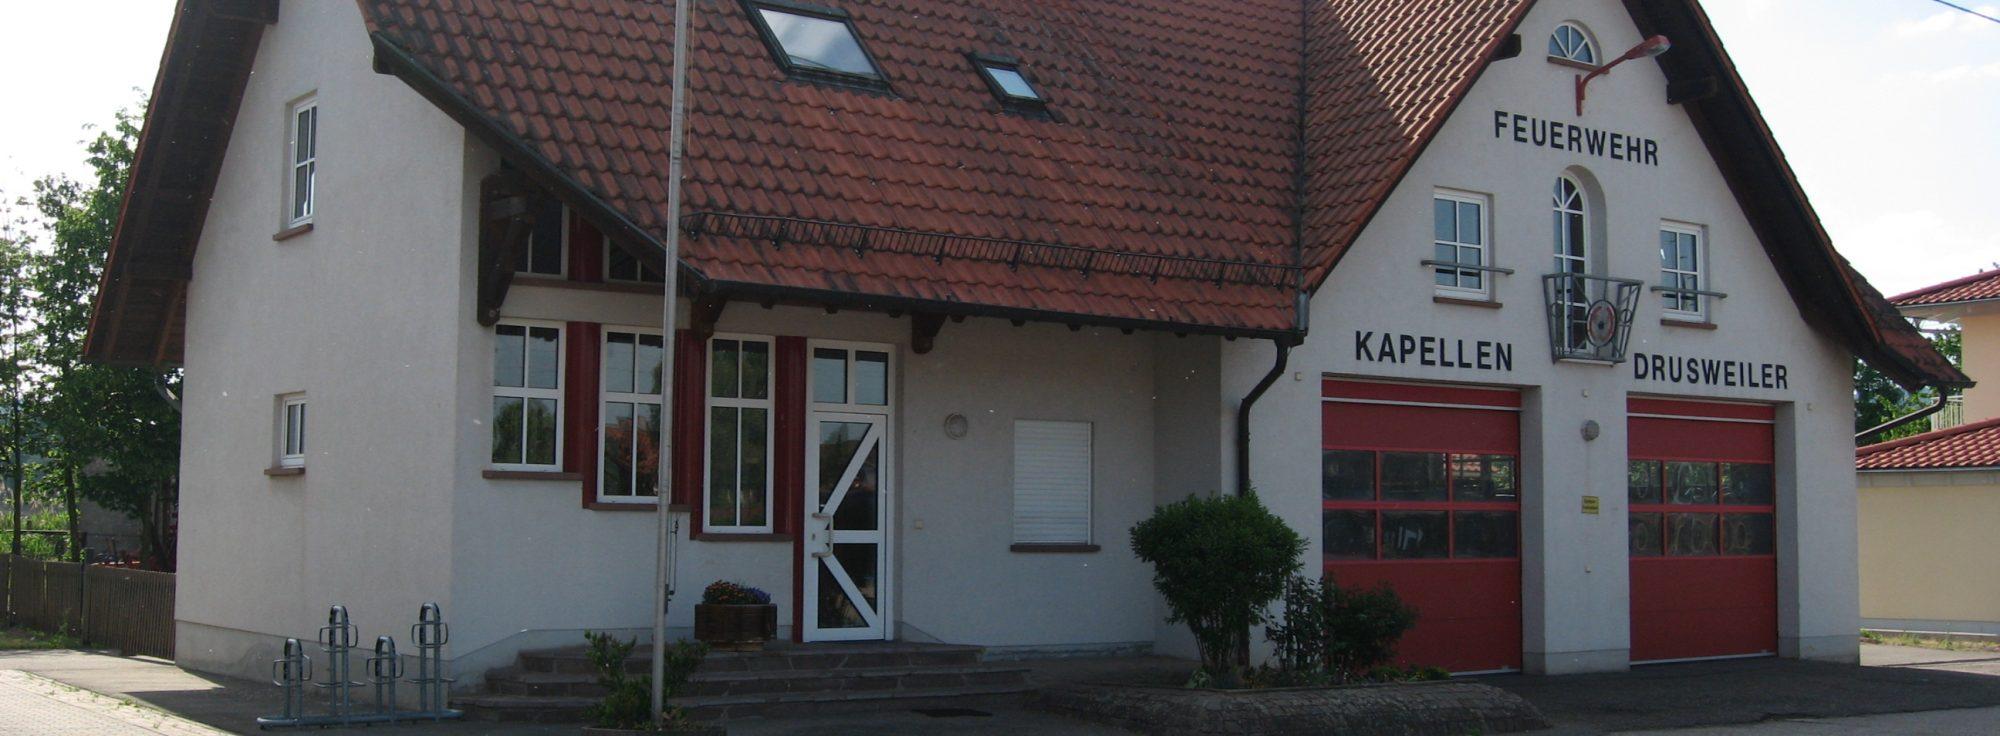 Freiwillige Feuerwehr Kapellen-Drusweiler